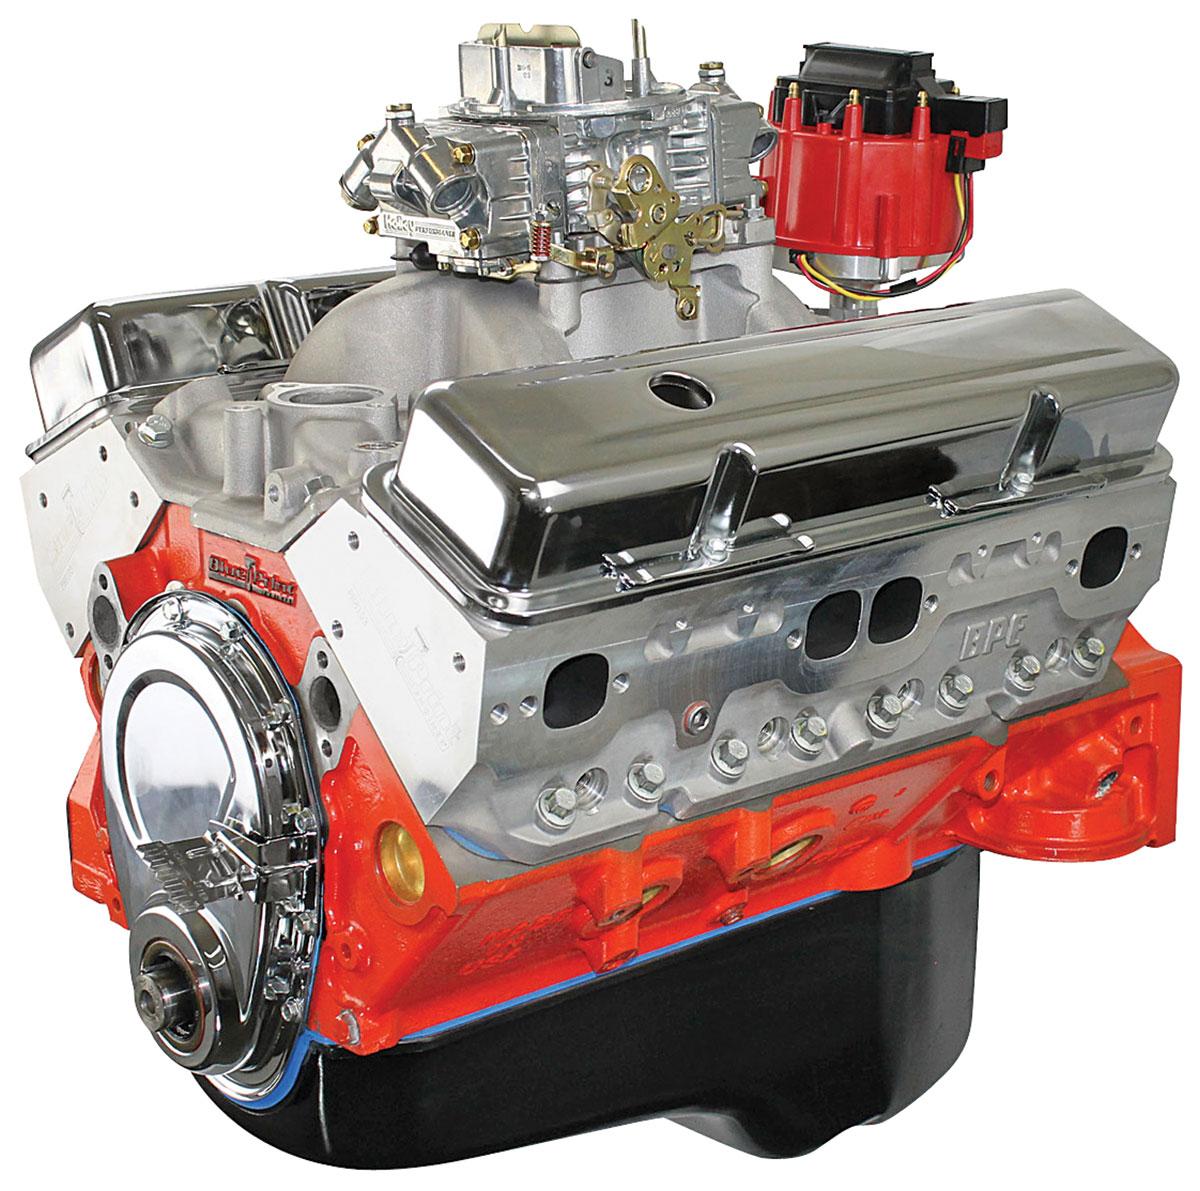 Blueprint engines 1964 77 chevelle crate engine base dressed 400 1964 77 chevelle crate engine base dressed 400 click to enlarge malvernweather Images